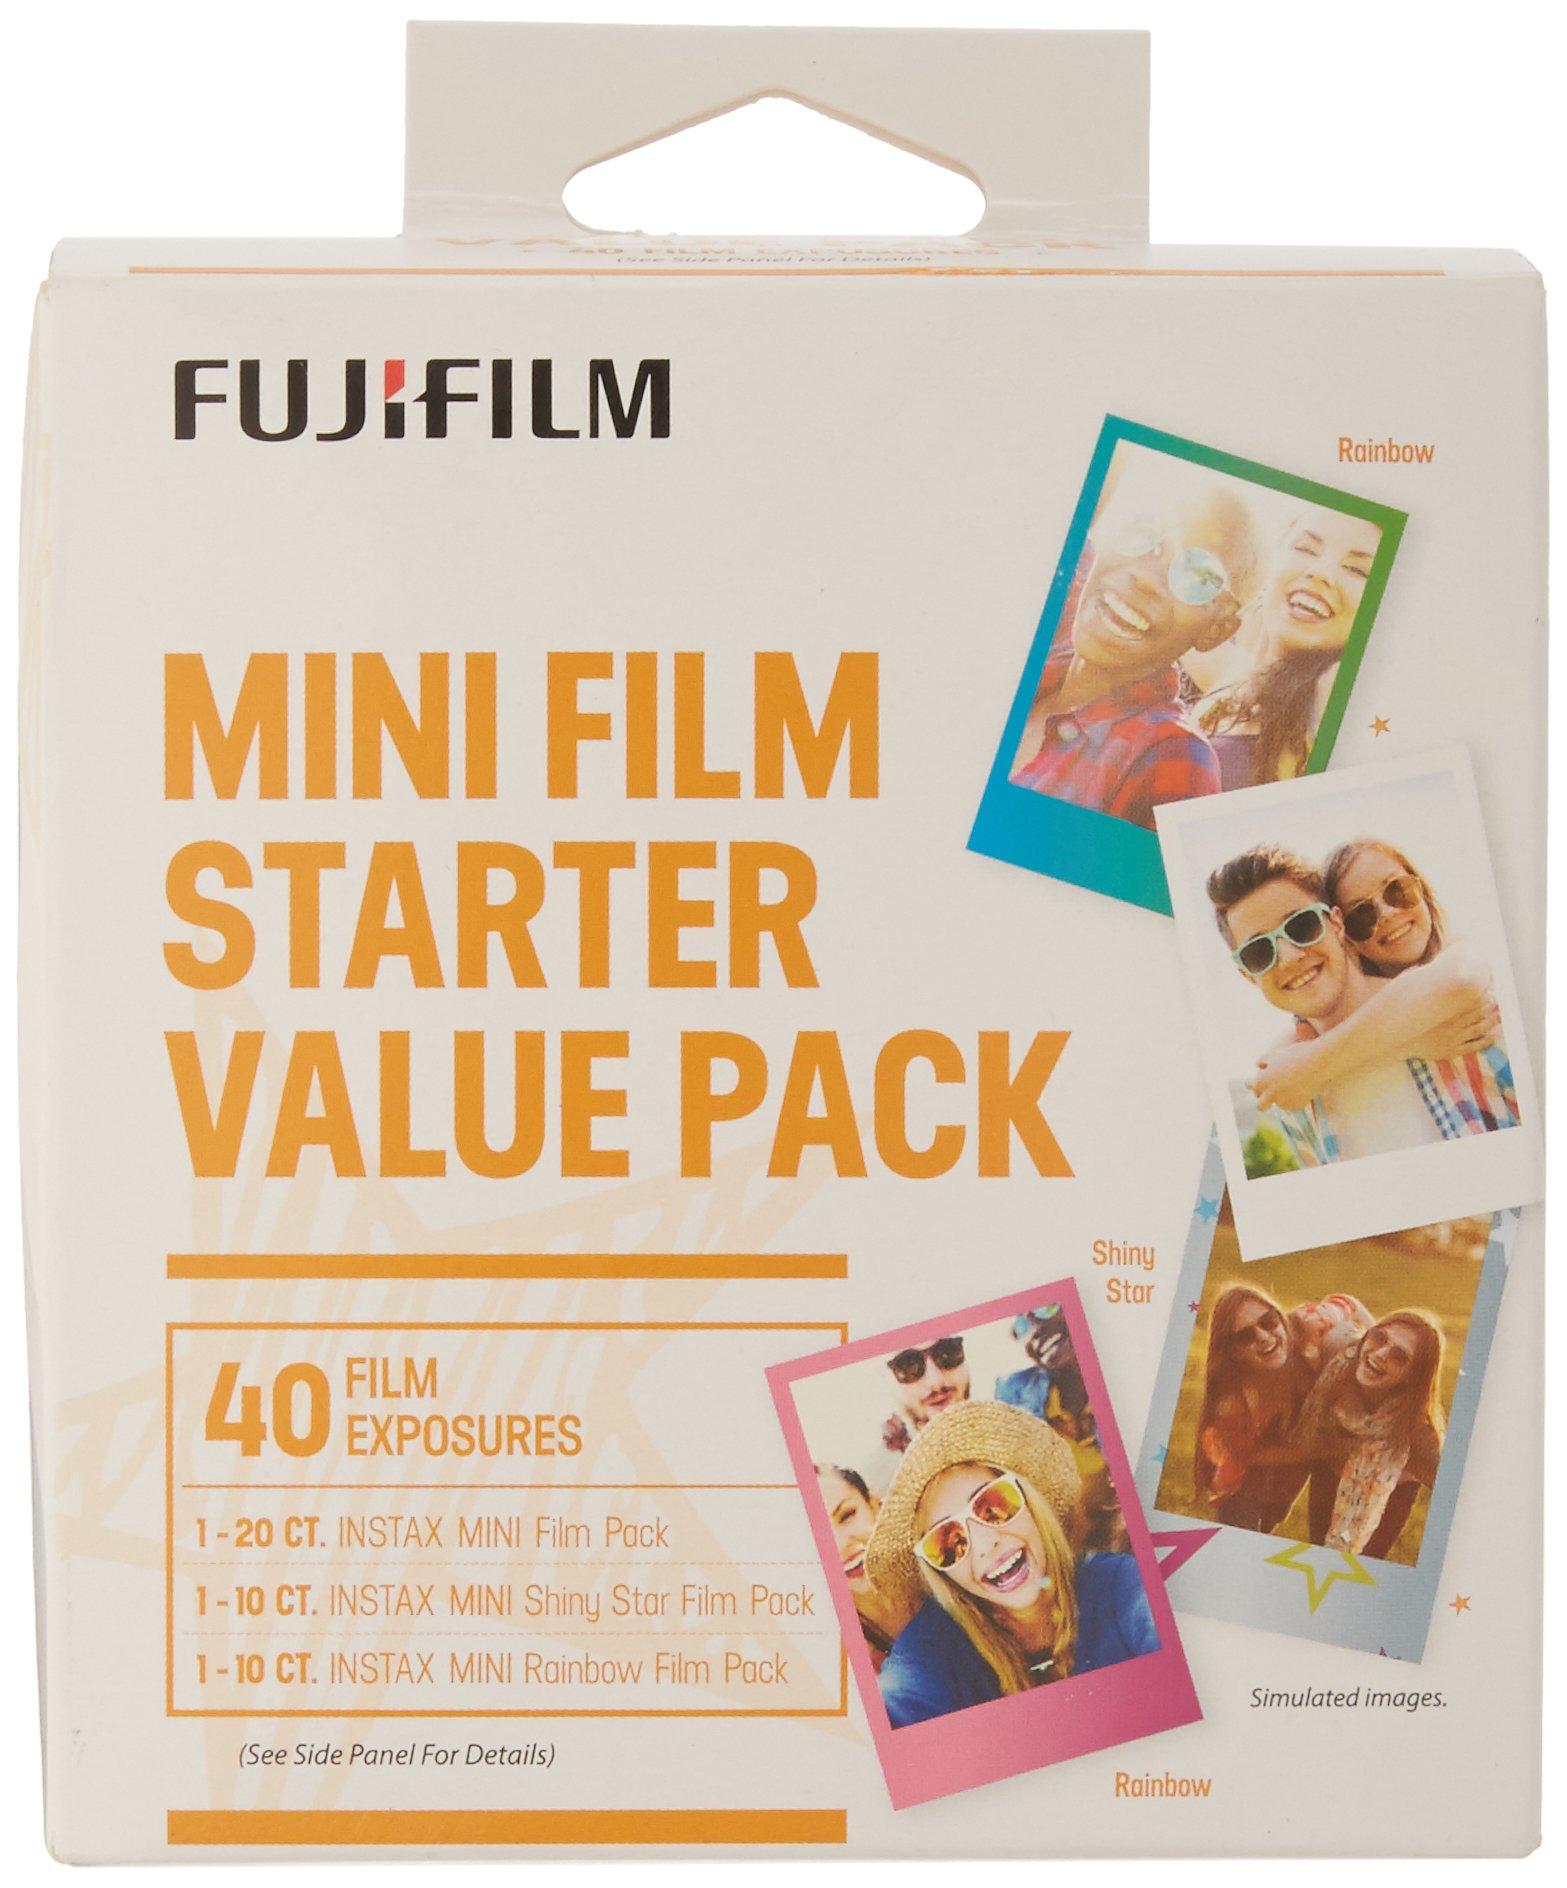 Fujifilm Instax Mini Film Starter Value Pack - 40 Exposures